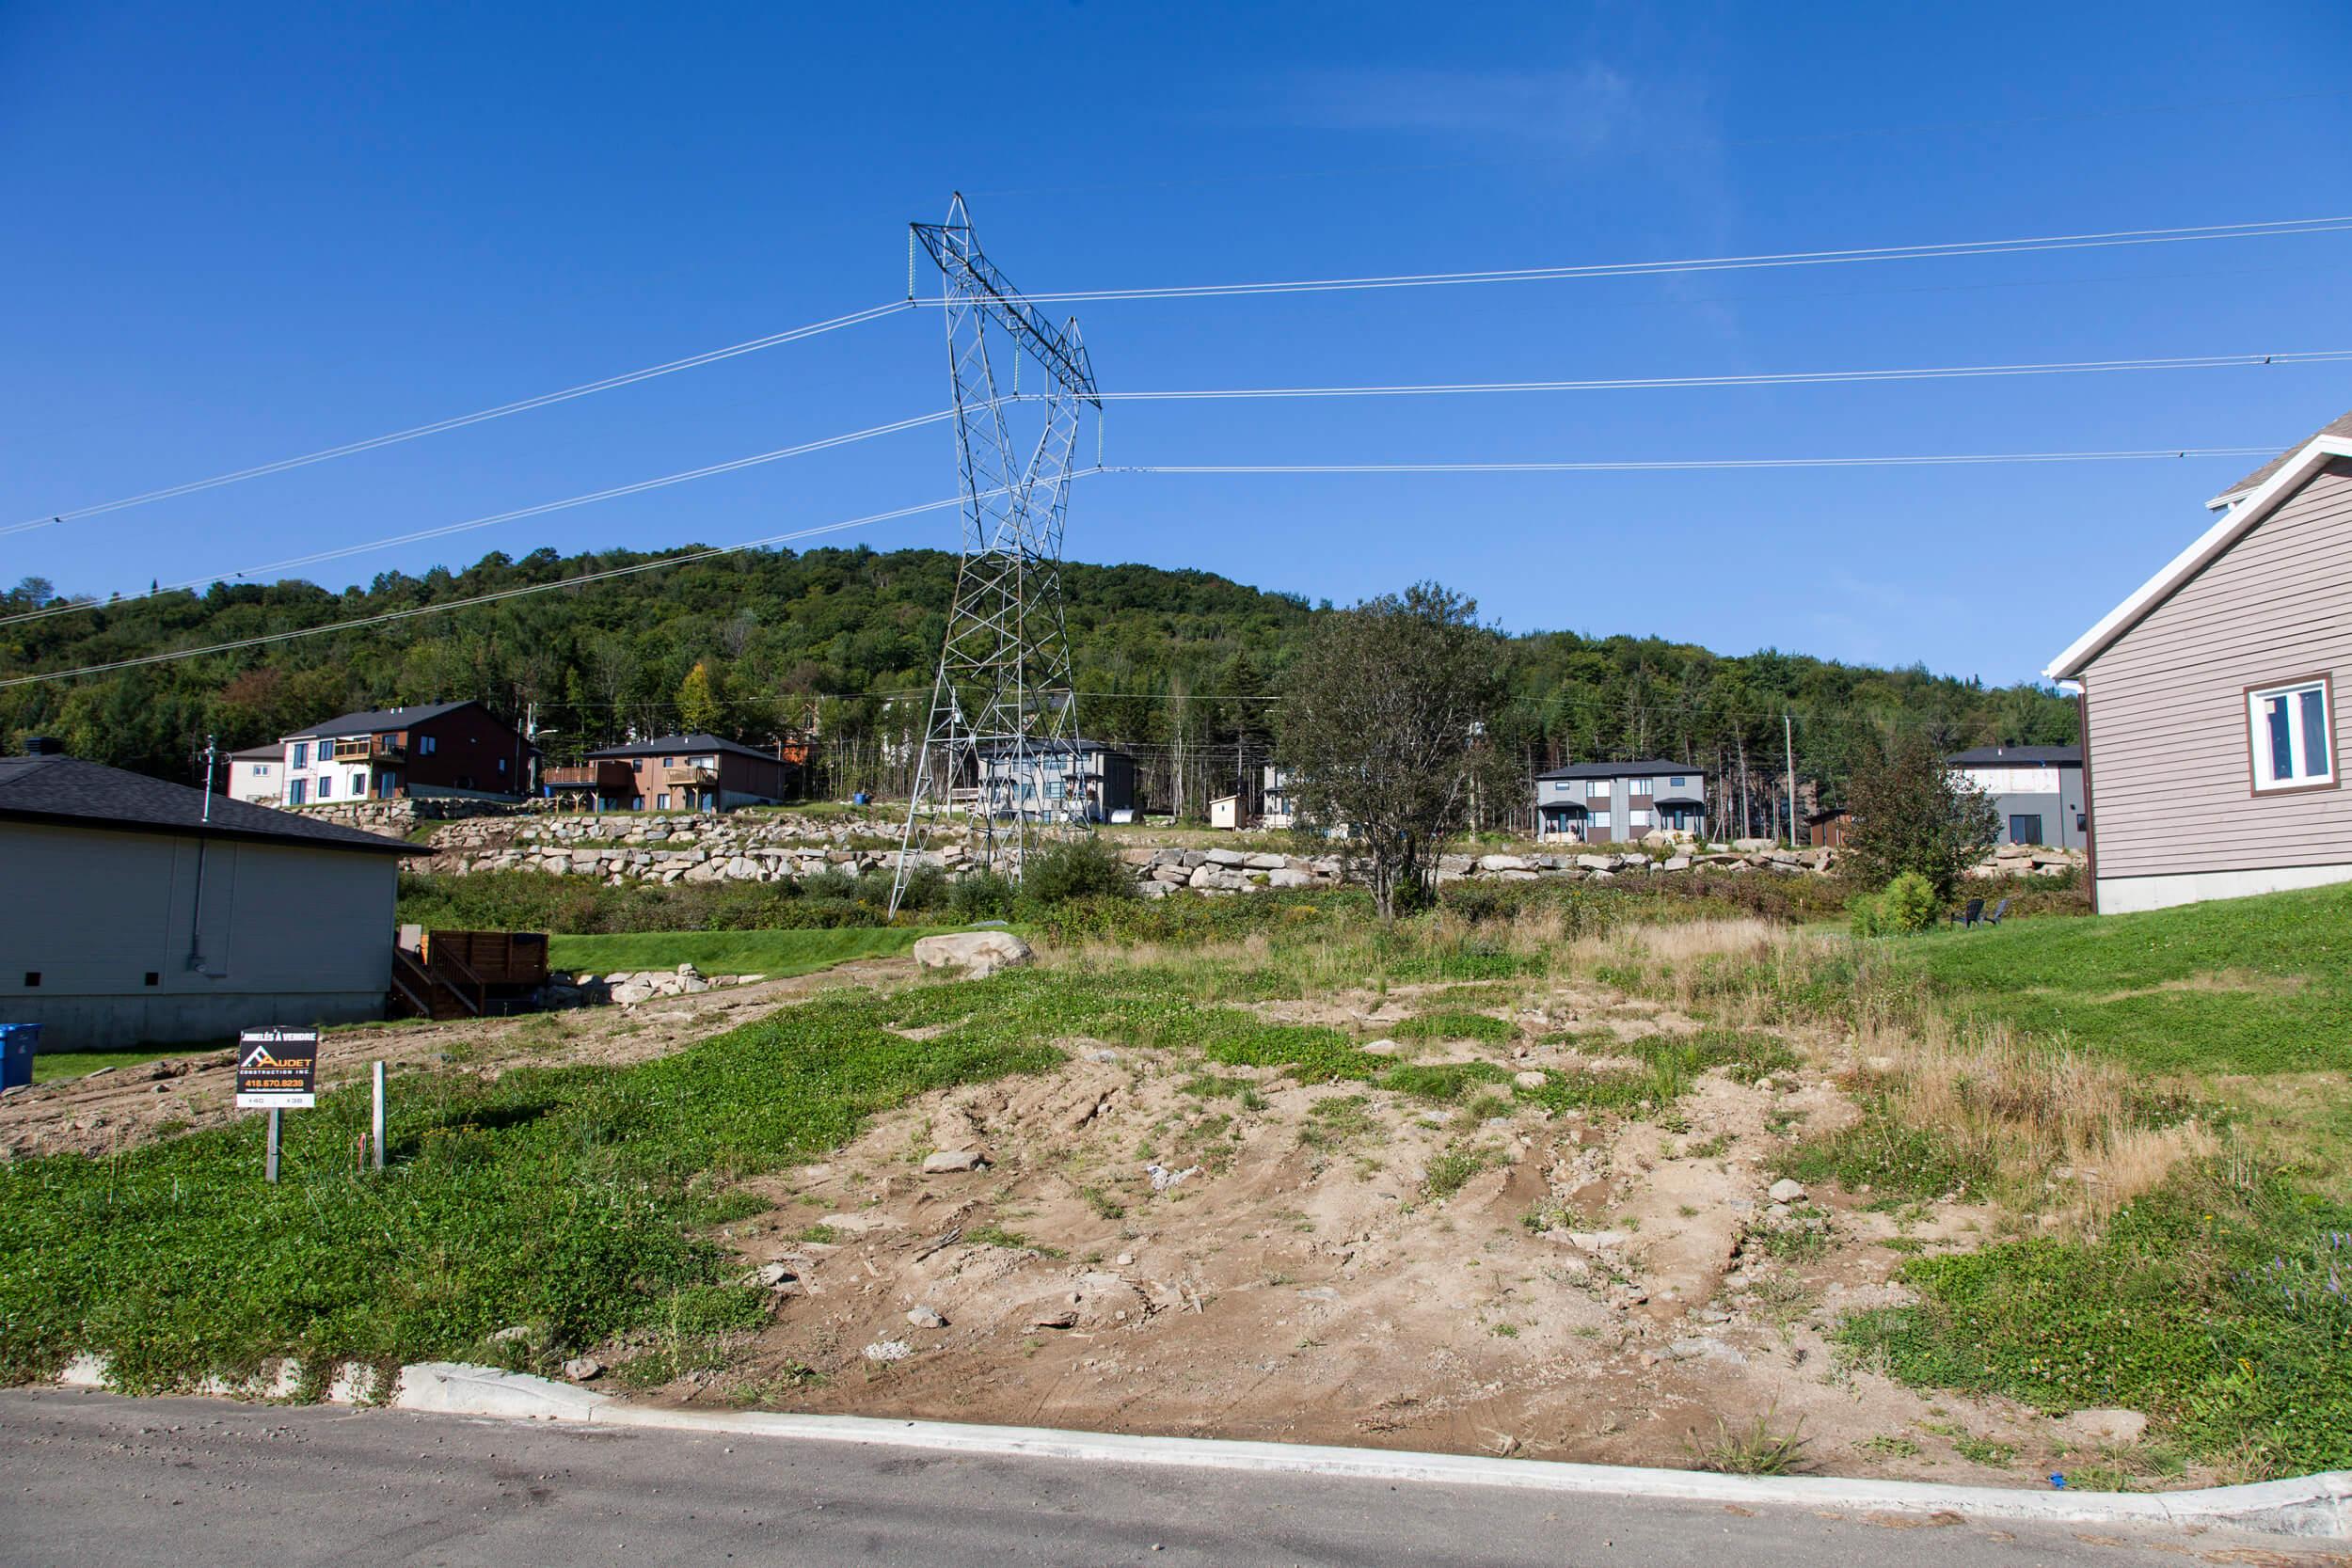 Terrain f audet construction construction neuve for Construction terrain